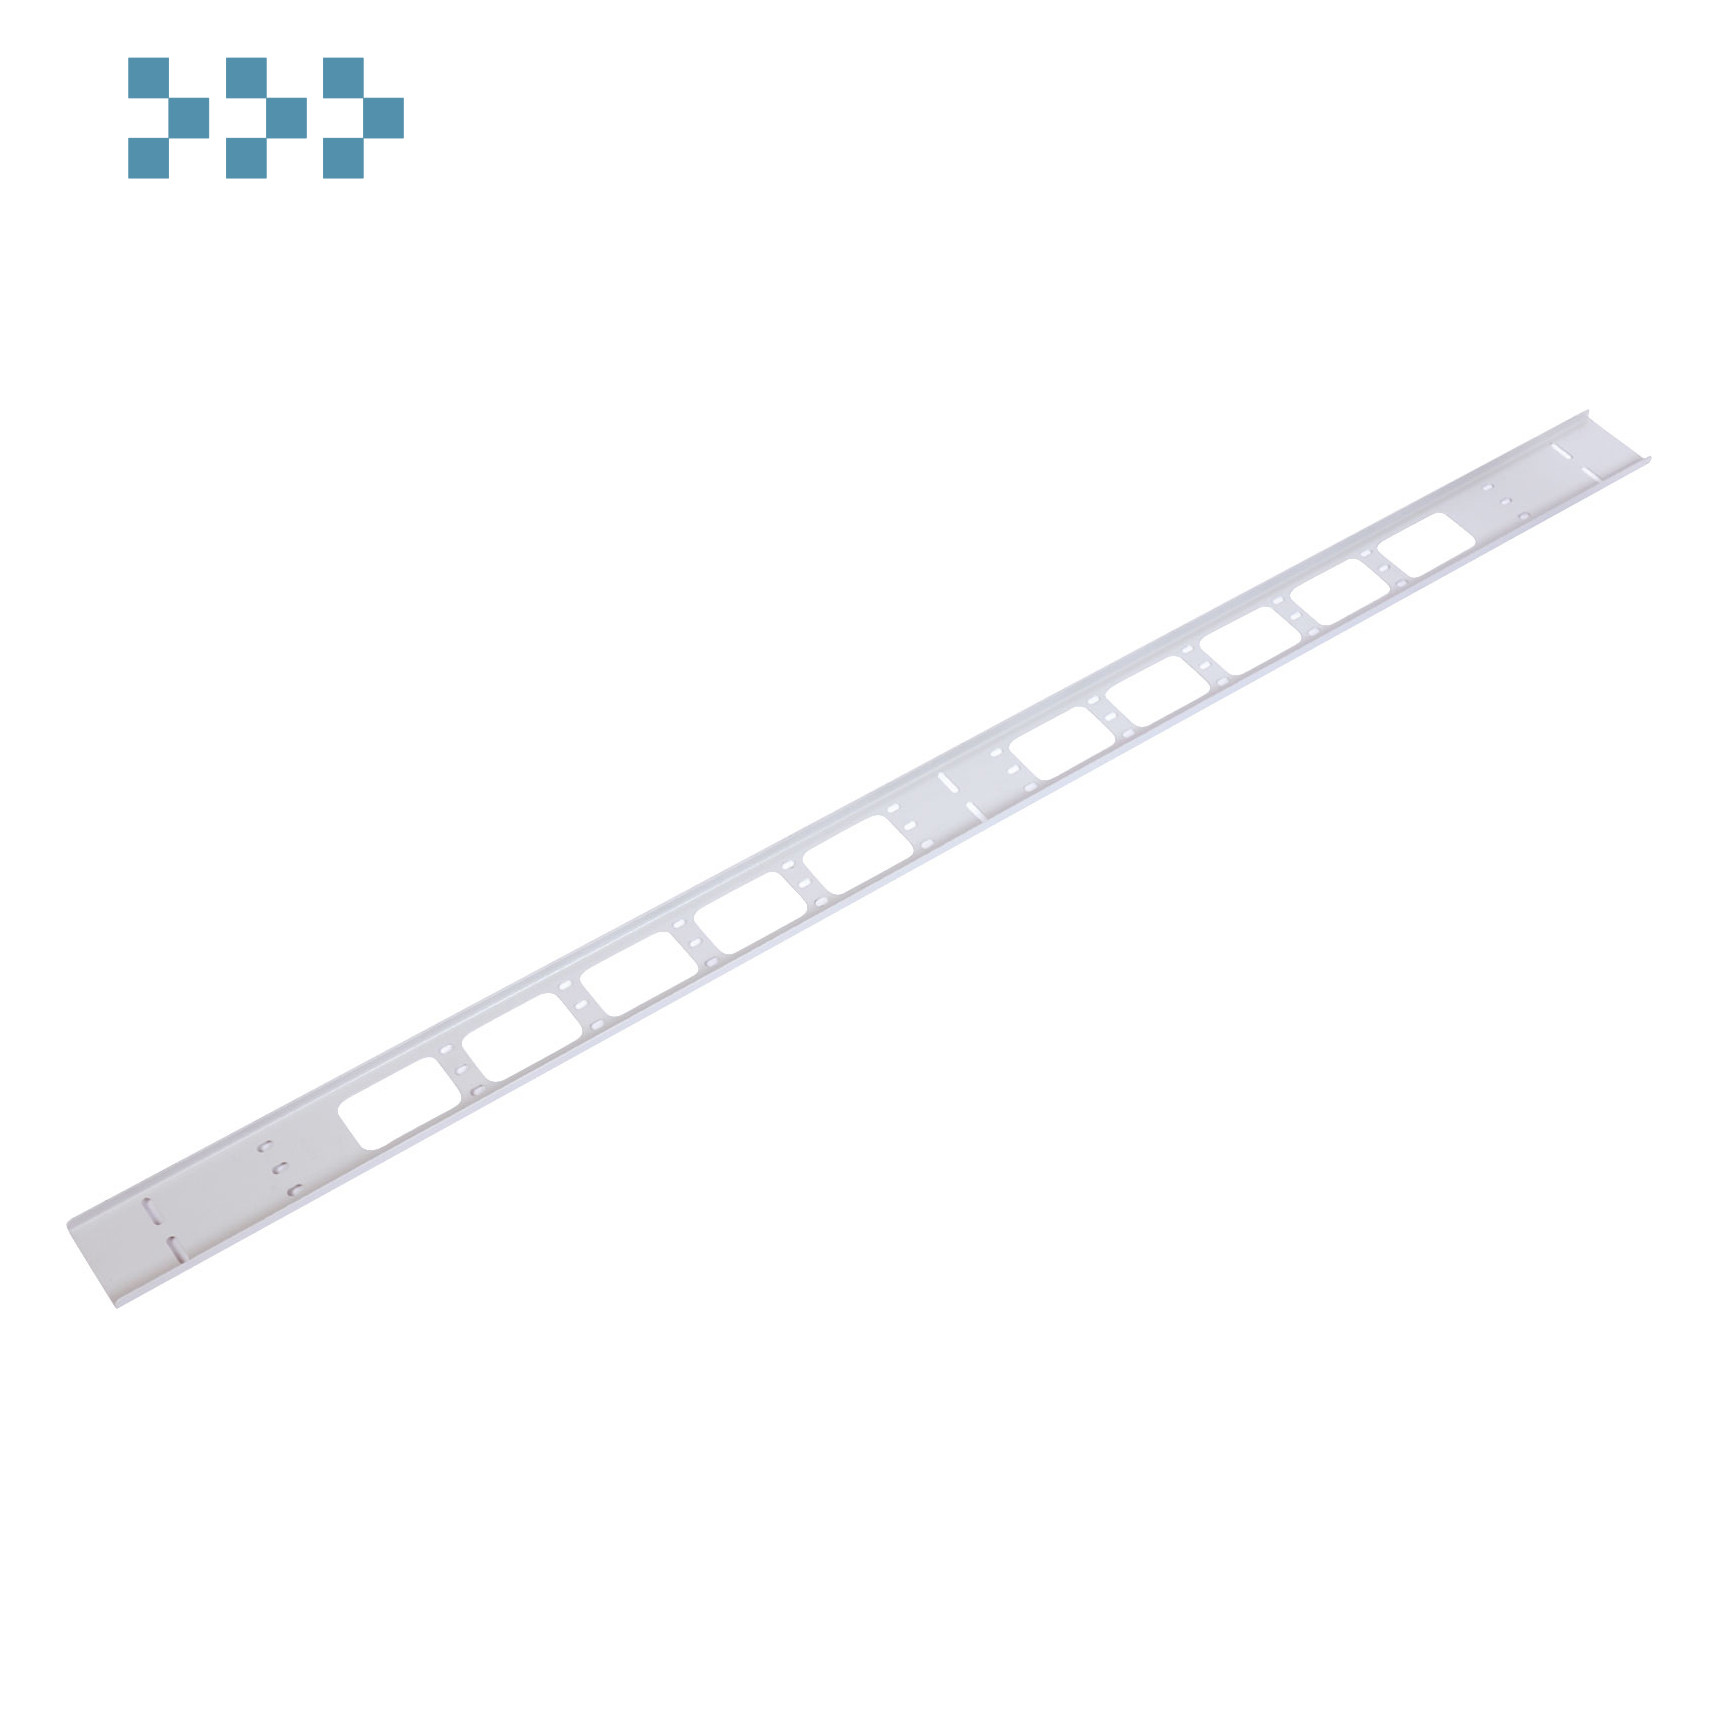 Органайзер кабельный ЦМО ВКО-М-38.75